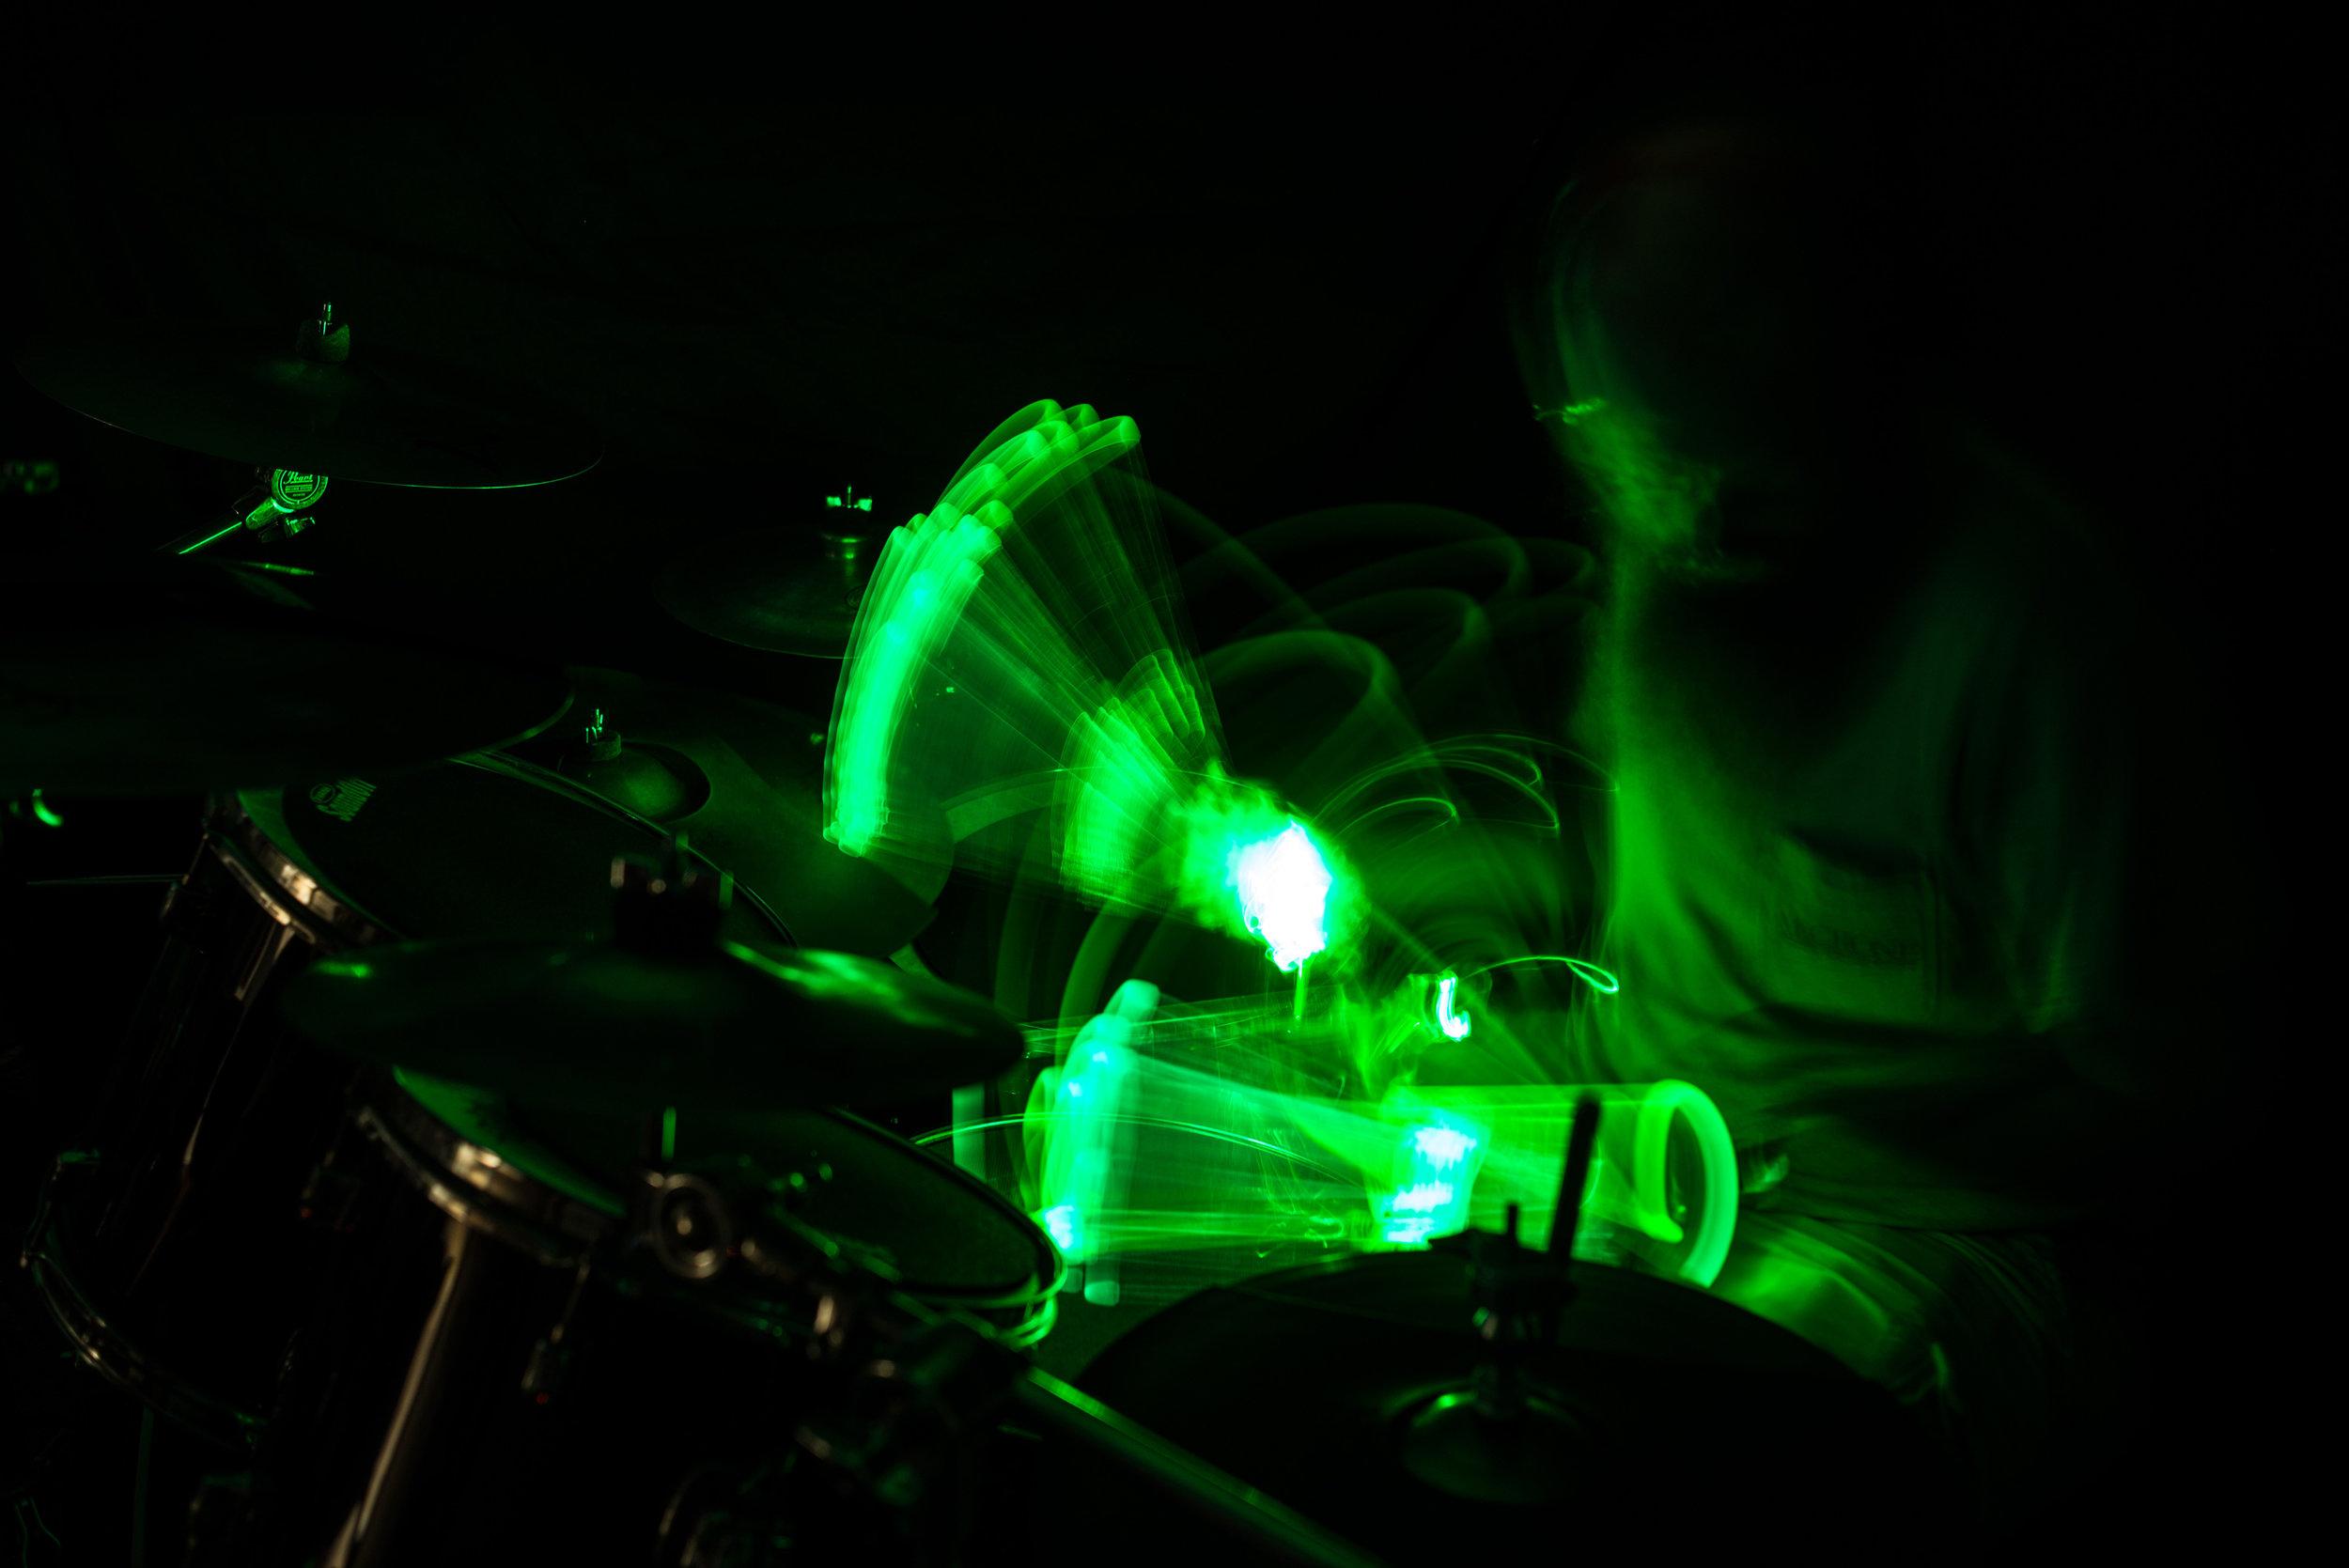 4/4 Beat on Ride Cymbal